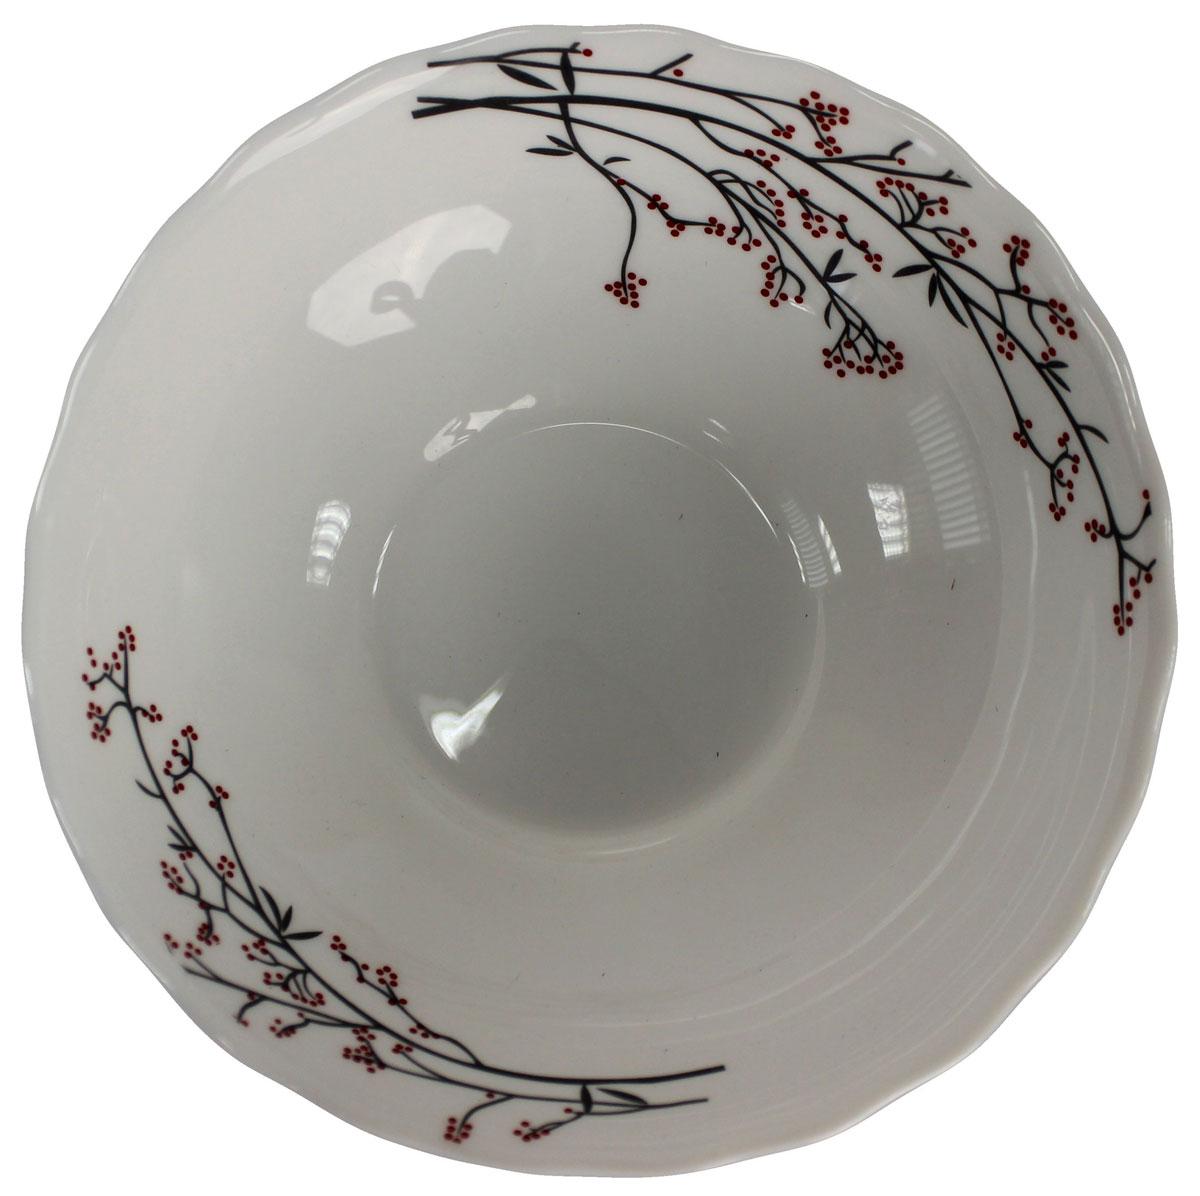 Салатник Марисса, 600 мл. 81893554 009312Салатник Марисса выполнен из опалового стекла и оформлен цветочным принтом. Удобный и вместительный салатник, подойдет как для сервировки салатов, так и в качестве тарелки для первых блюд.